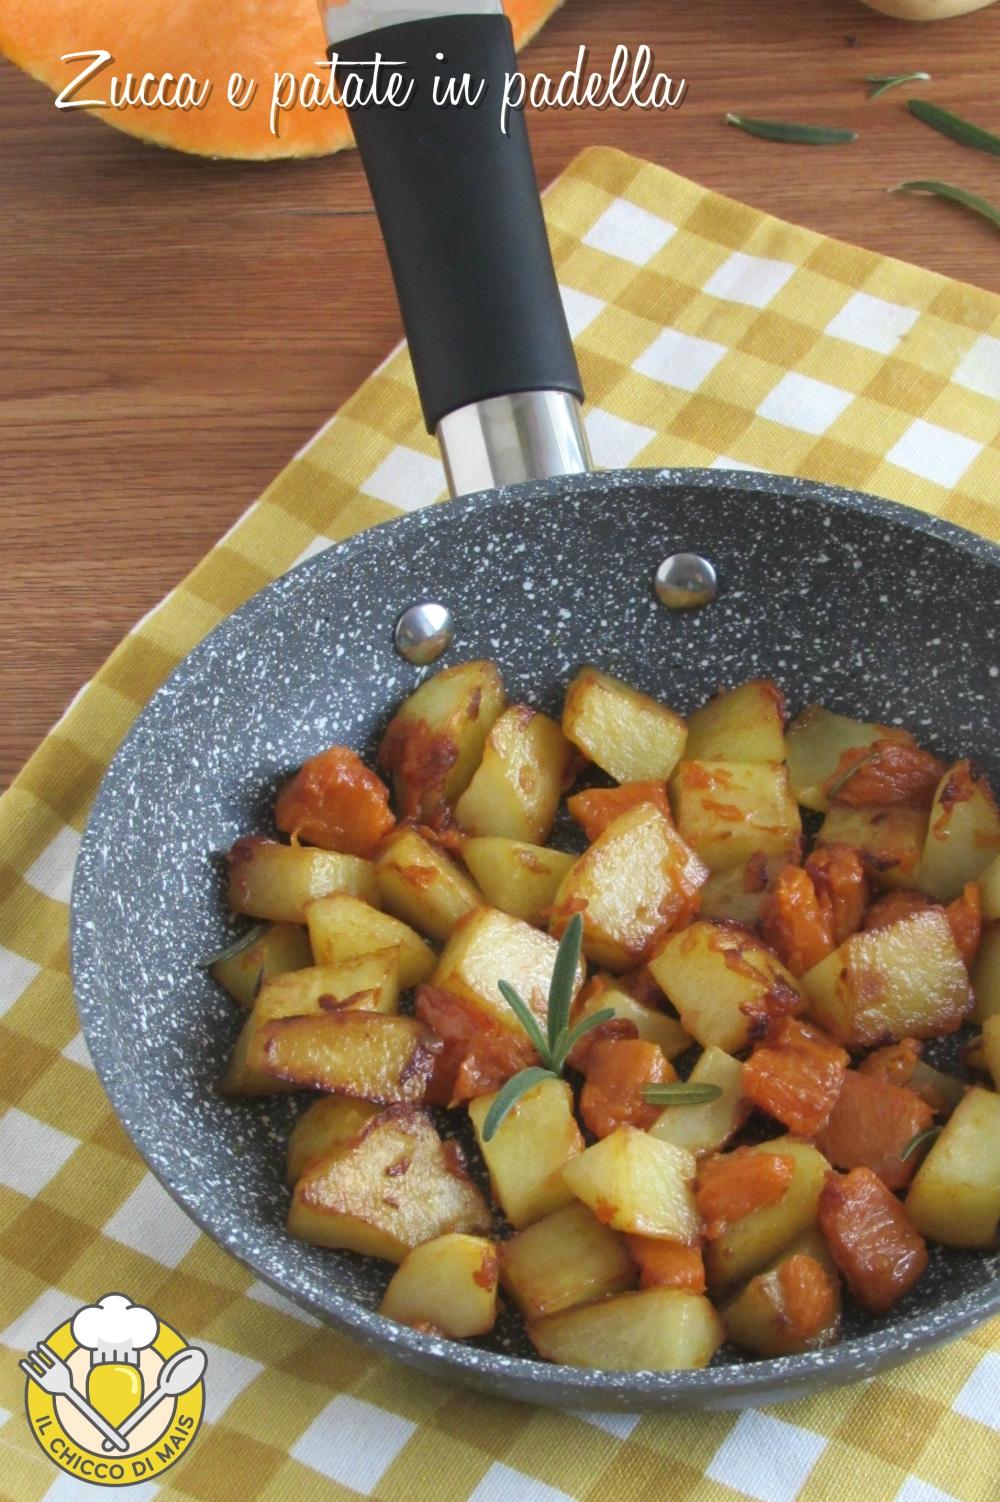 v_ zucca e patate in padella ricetta con la zucca facile contorno veloce e appetitoso il chicco di mais